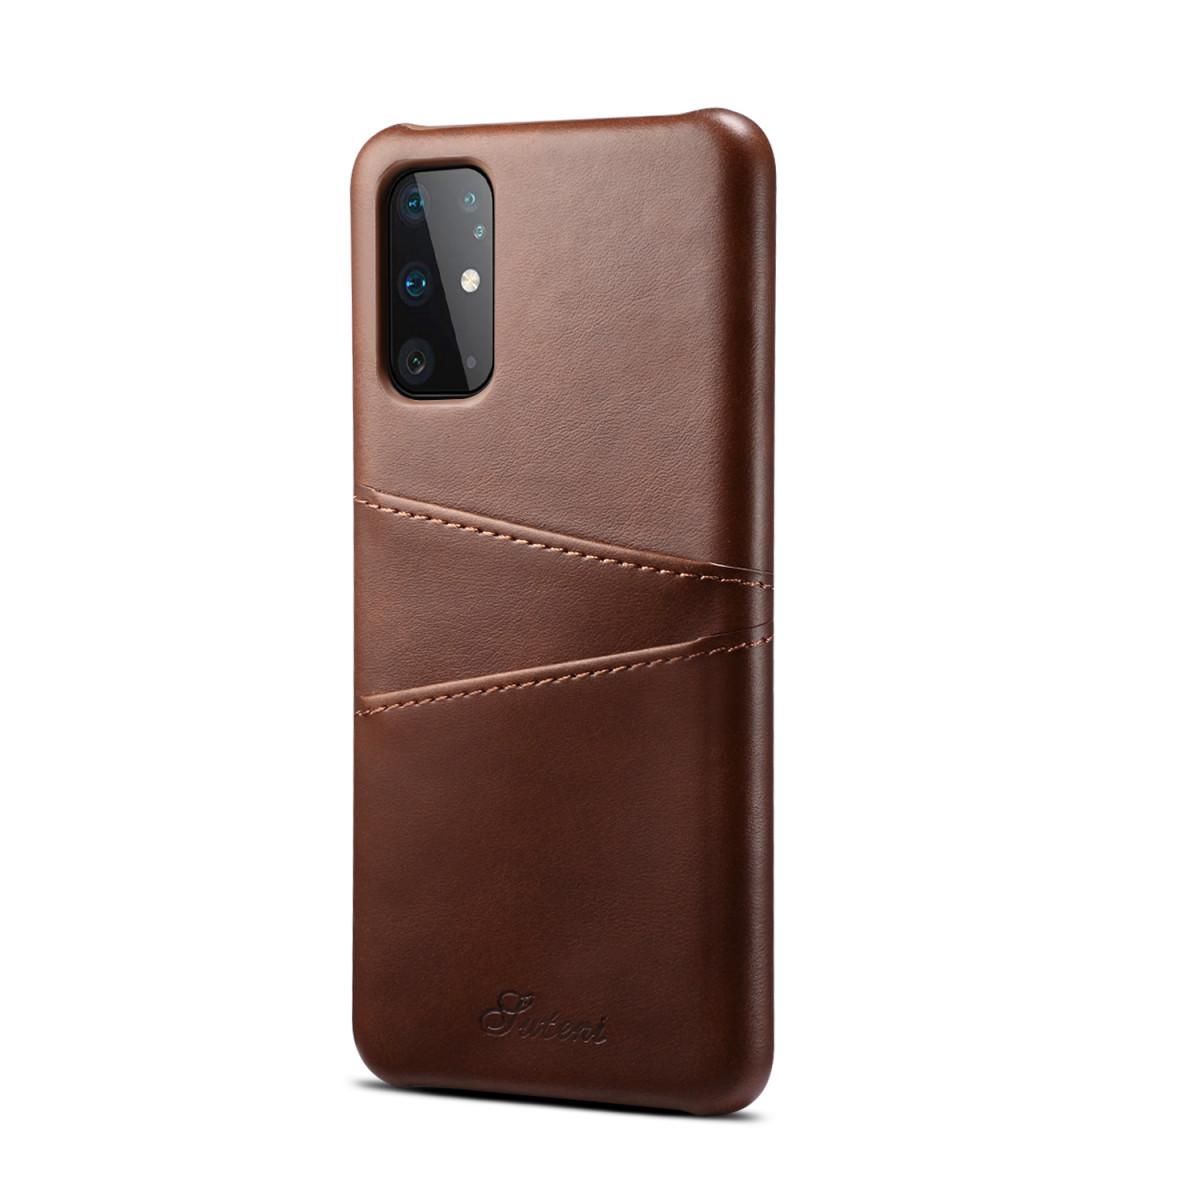 Кожаный чехол-накладка со слотами для кредитных карт на Samsung Galaxy S20